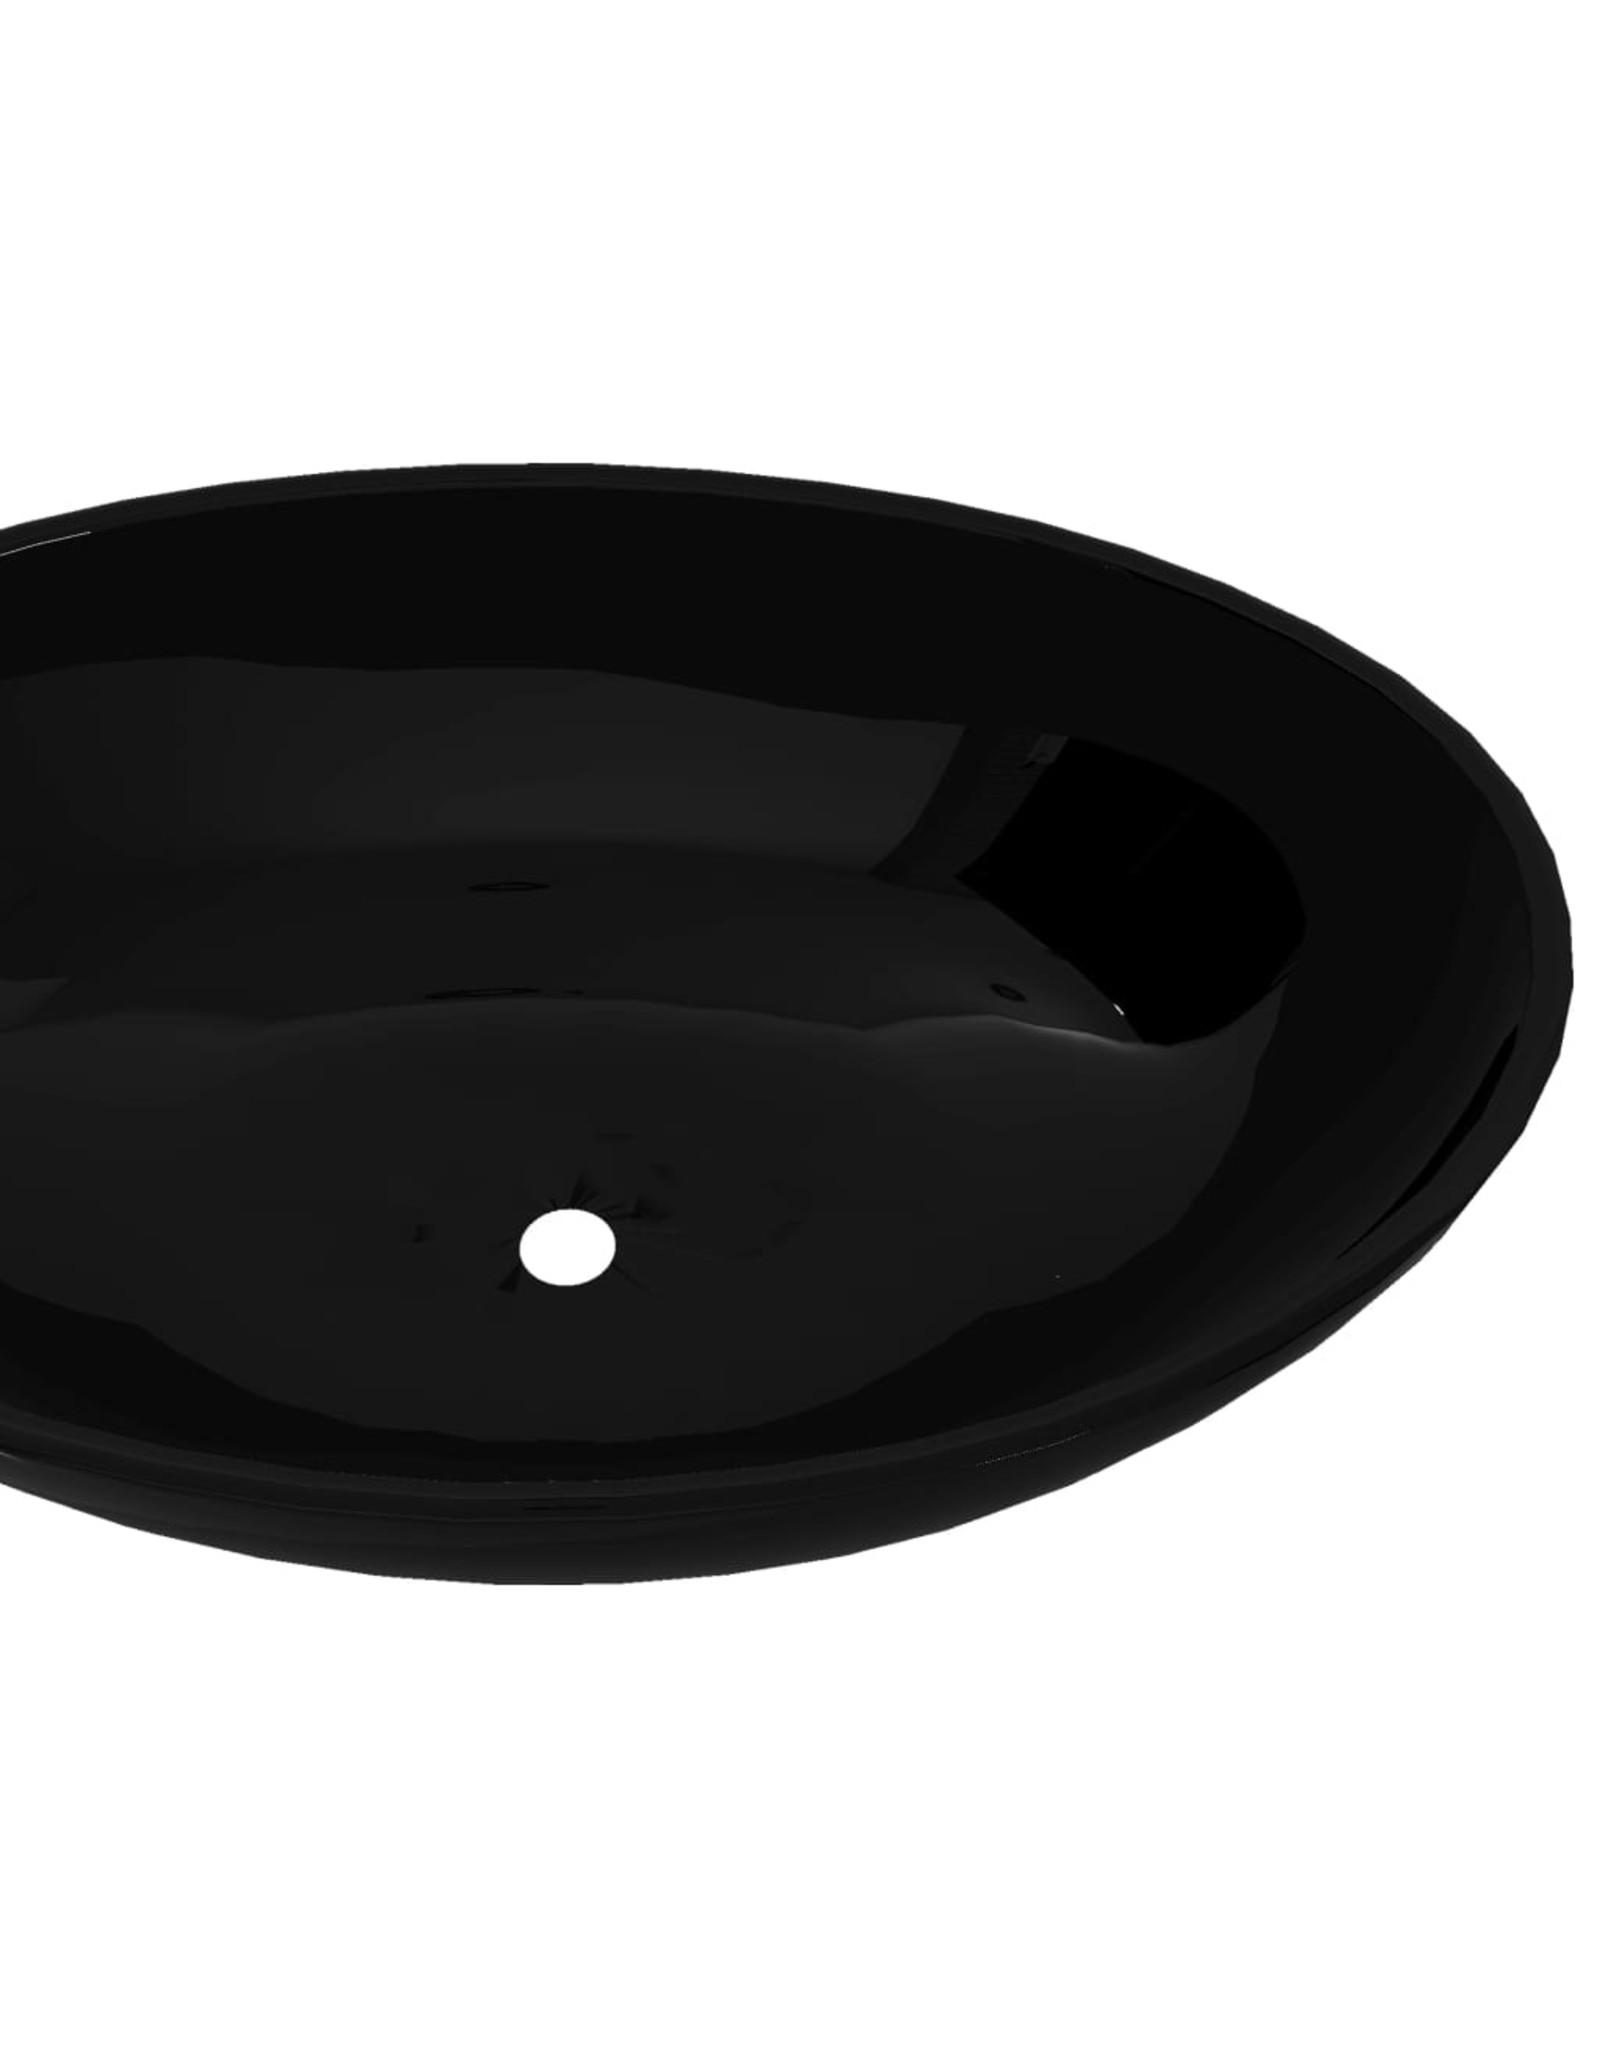 Luxe wastafel ovaal 40x33 cm keramiek zwart